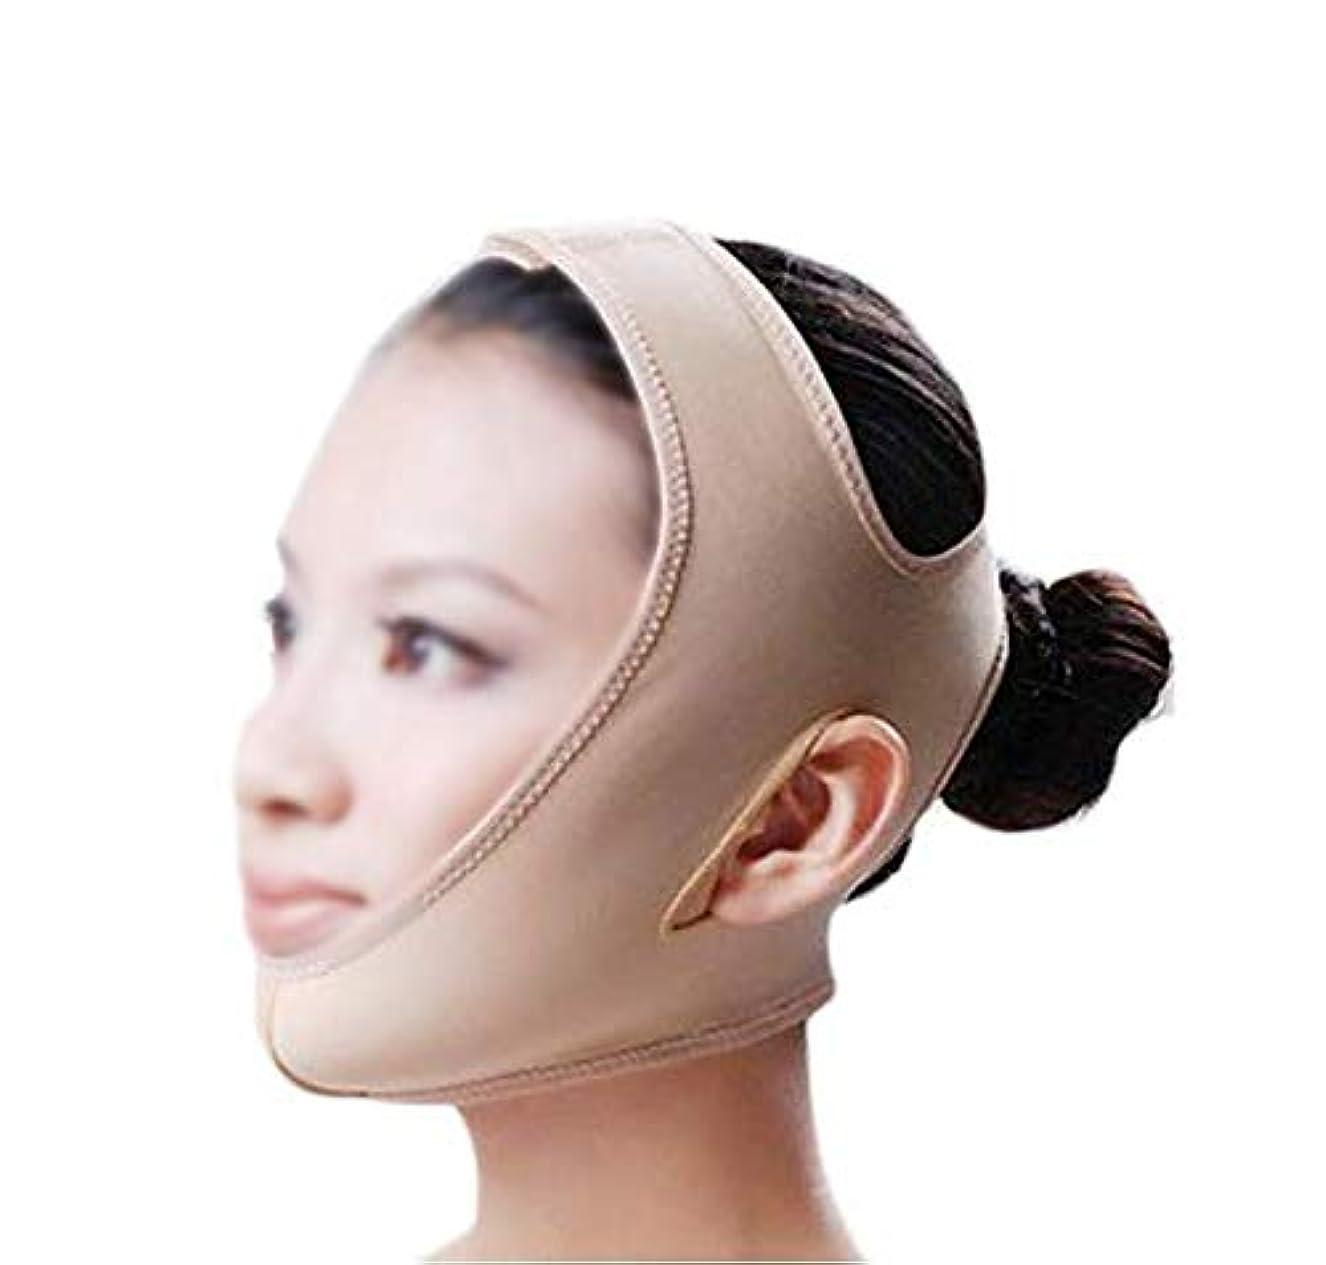 ただ遺伝子発火するTLMY 引き締めマスクマスクフェイシャルマスク美容薬マスク美容V顔包帯ライン彫刻引き締めしっかりした二重あごマスク 顔用整形マスク (Size : S)